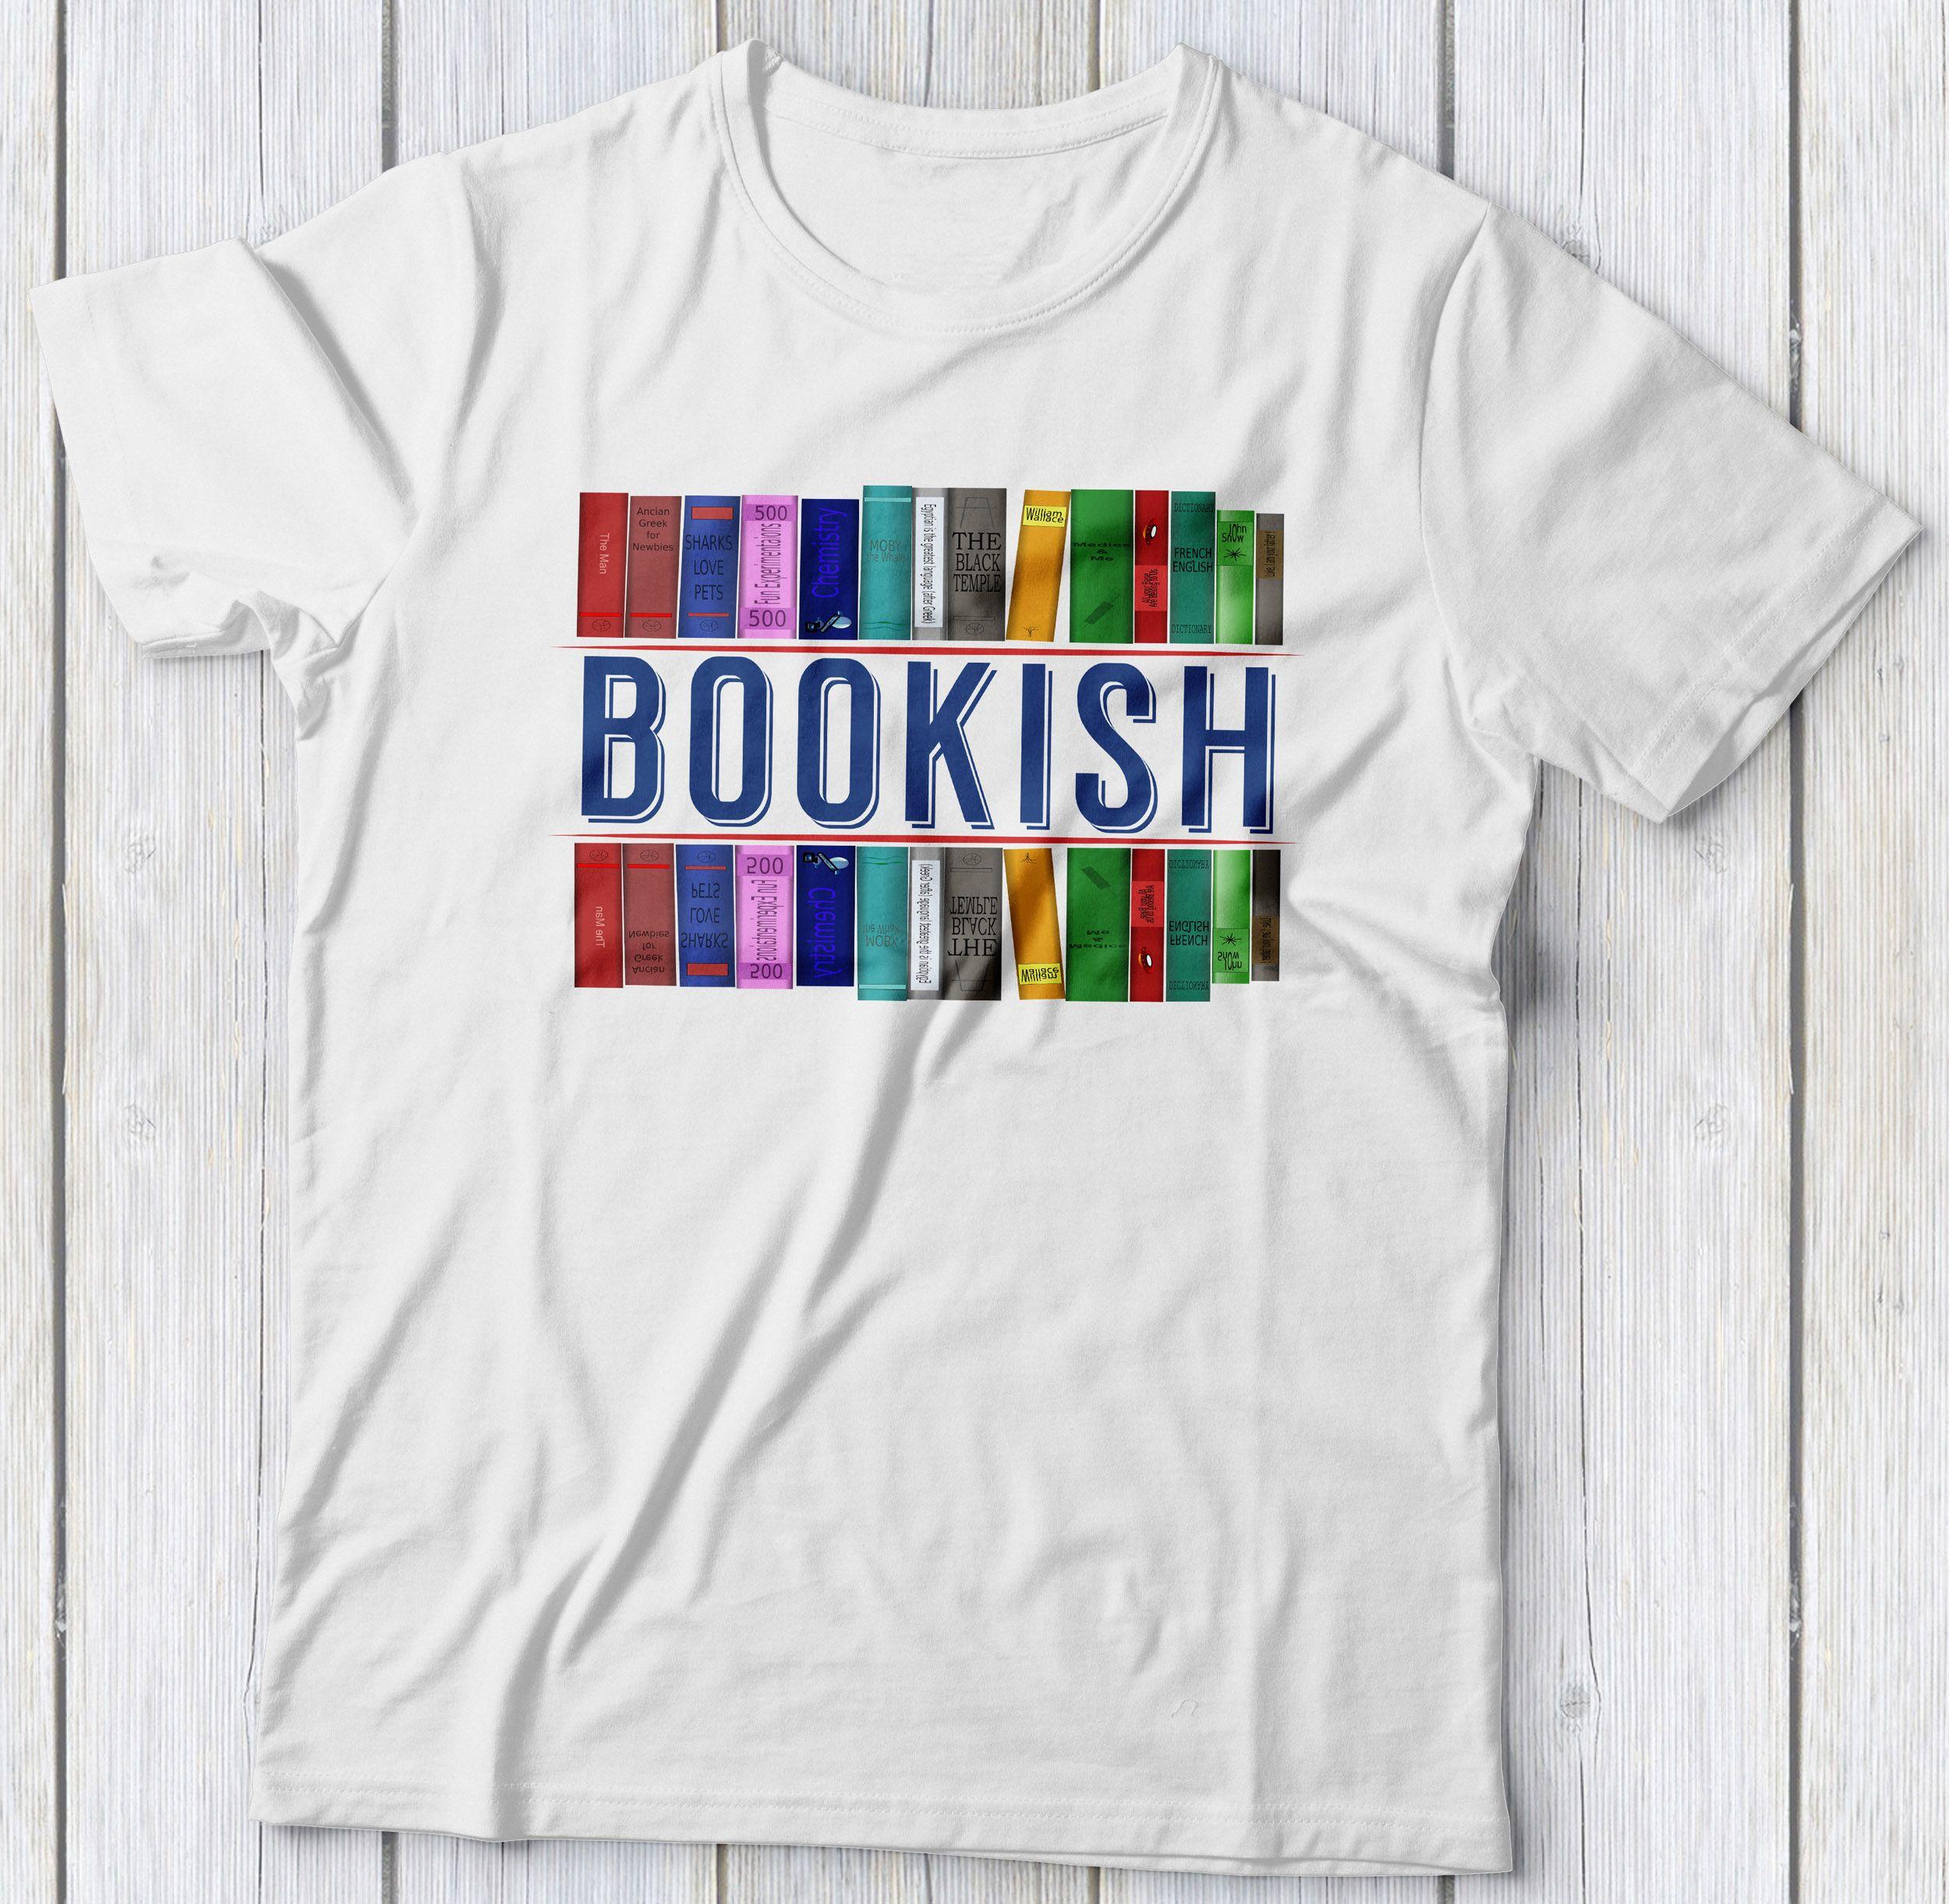 Bookish Tshirt Reading Shirt Shirts For Book Lover Etsy Reading Shirts Library Shirts Bookworm Shirt